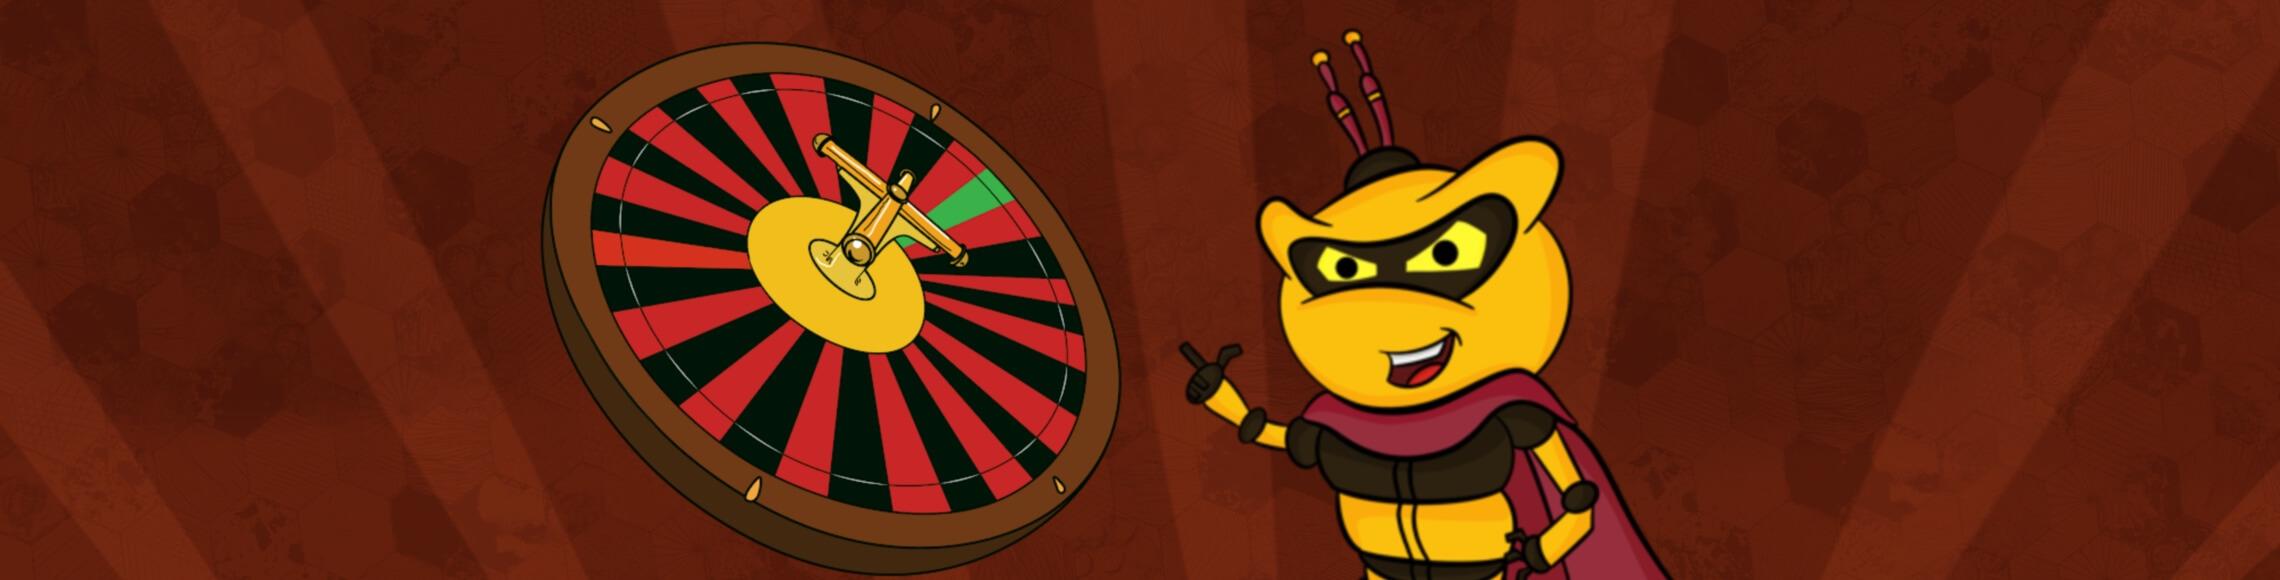 Innskuddsbonuser og innskuddsfrie bonuser på online roulette-casinoer